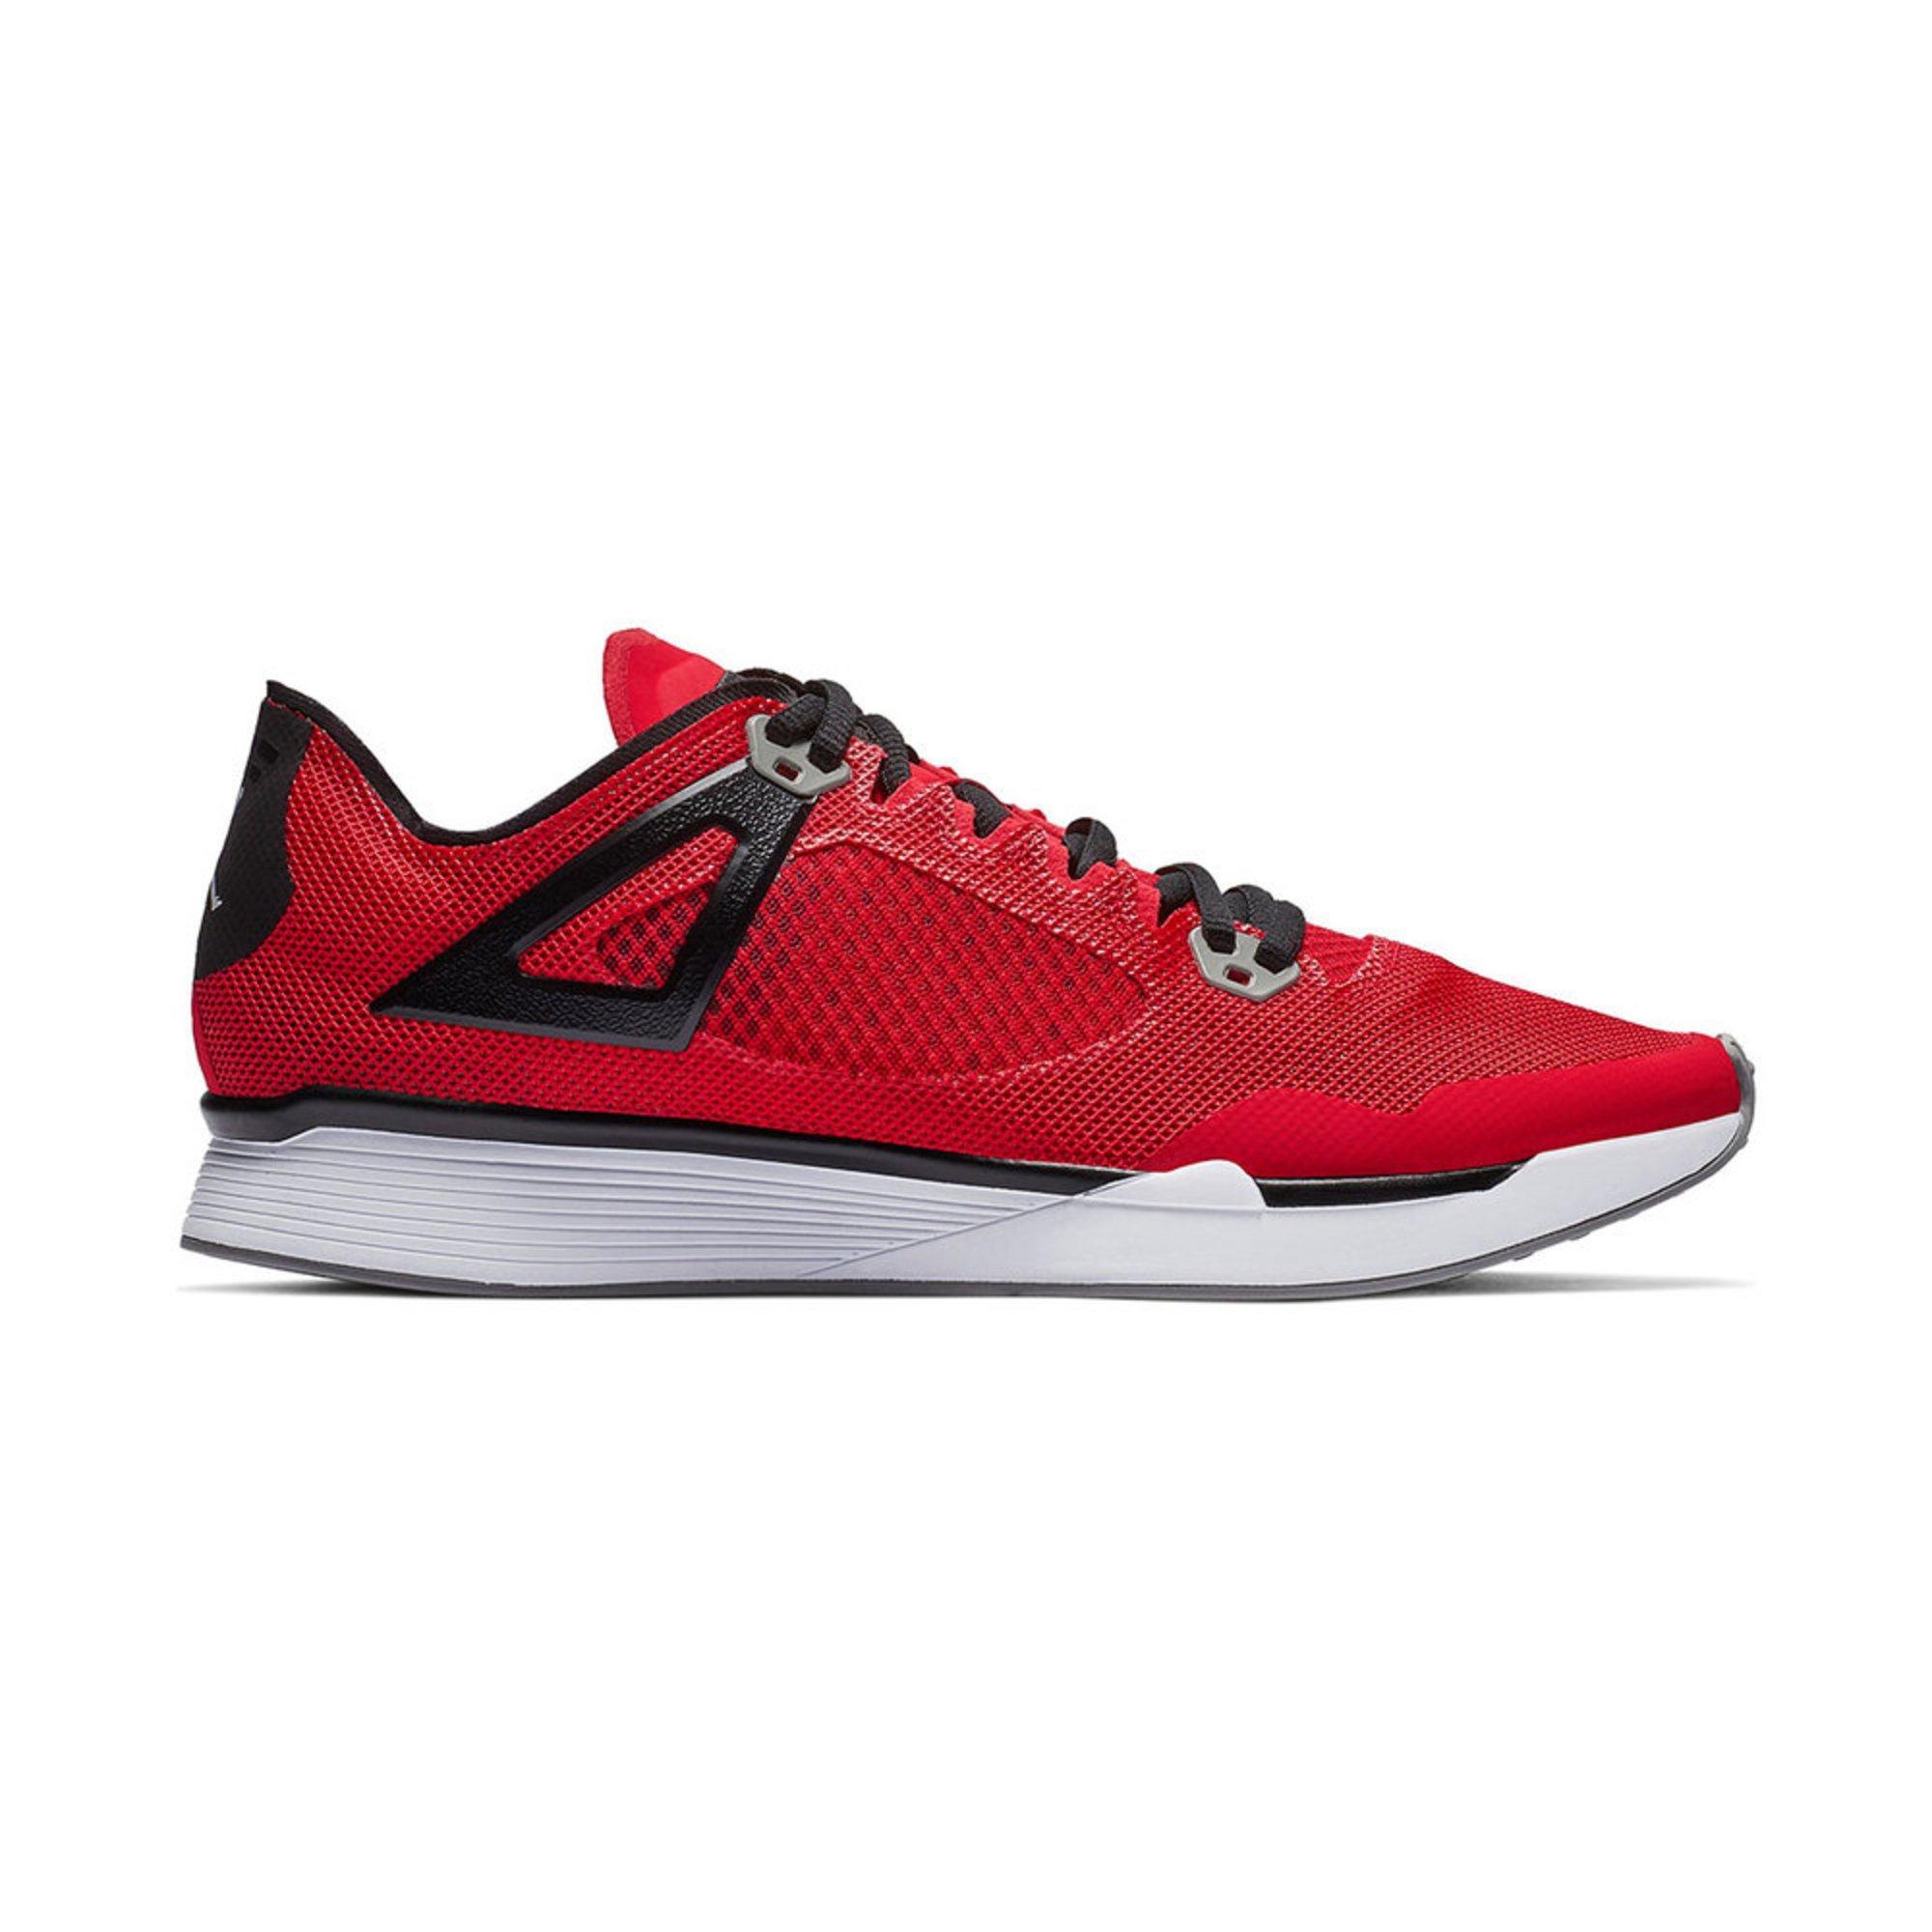 dcac3ccaaf3 Jordan Men's 89 Racer Running Shoe | Men's Running Shoes | Fitness ...